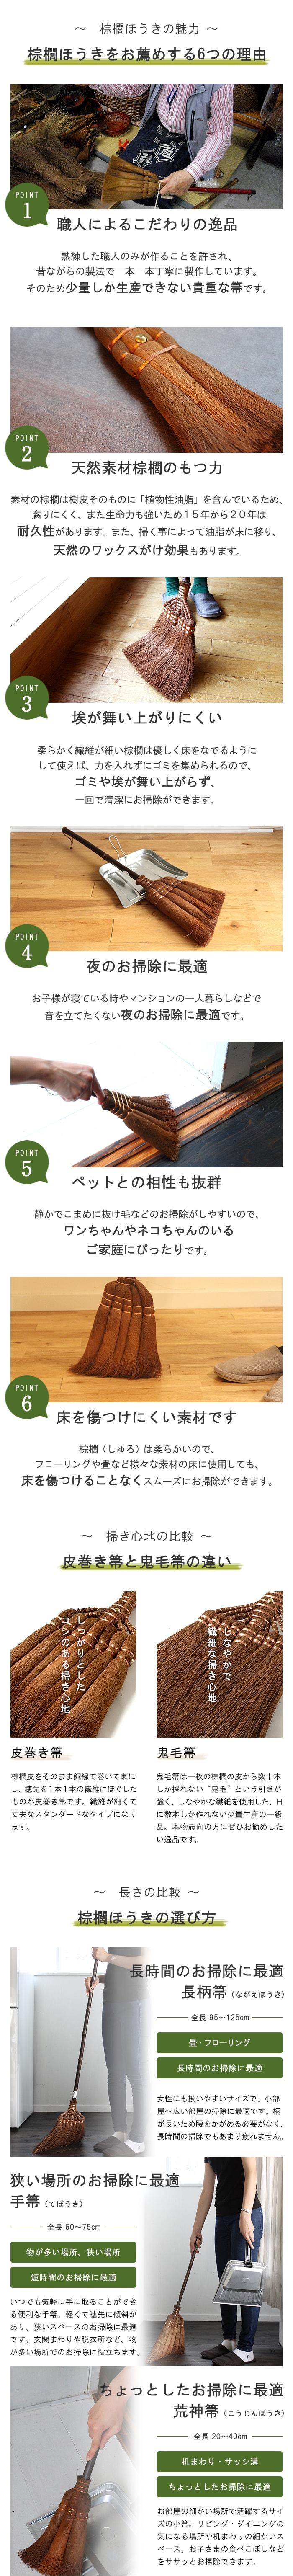 棕櫚ほうきをお薦めする6つの理由/皮巻き箒と鬼毛箒の違い/棕櫚ほうきの選び方/